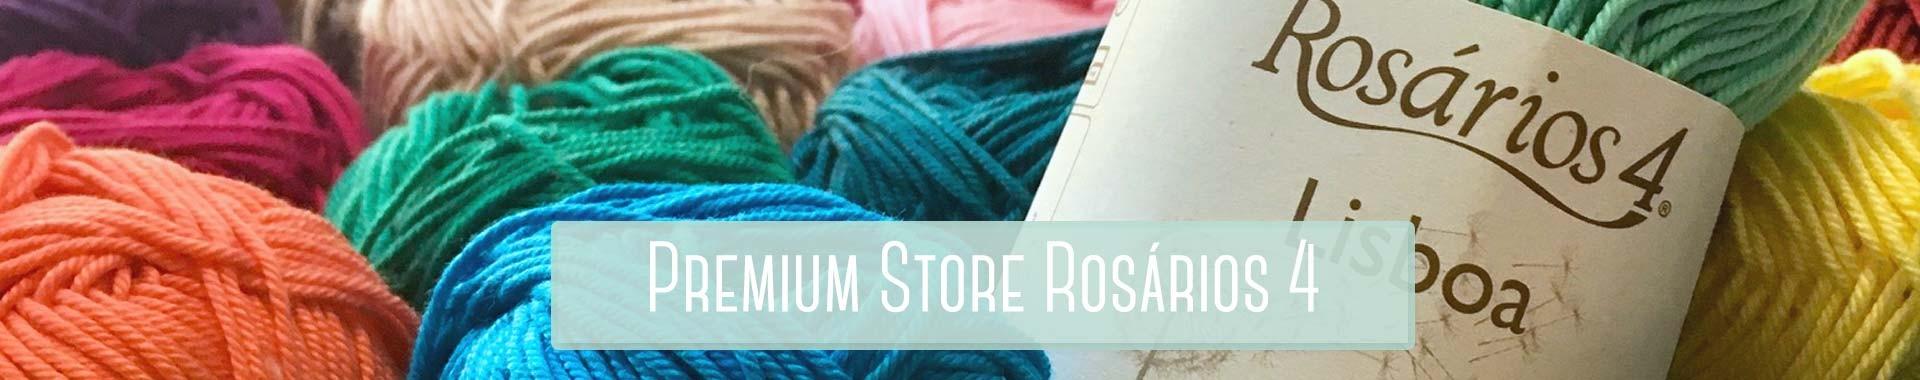 premium store rosários4